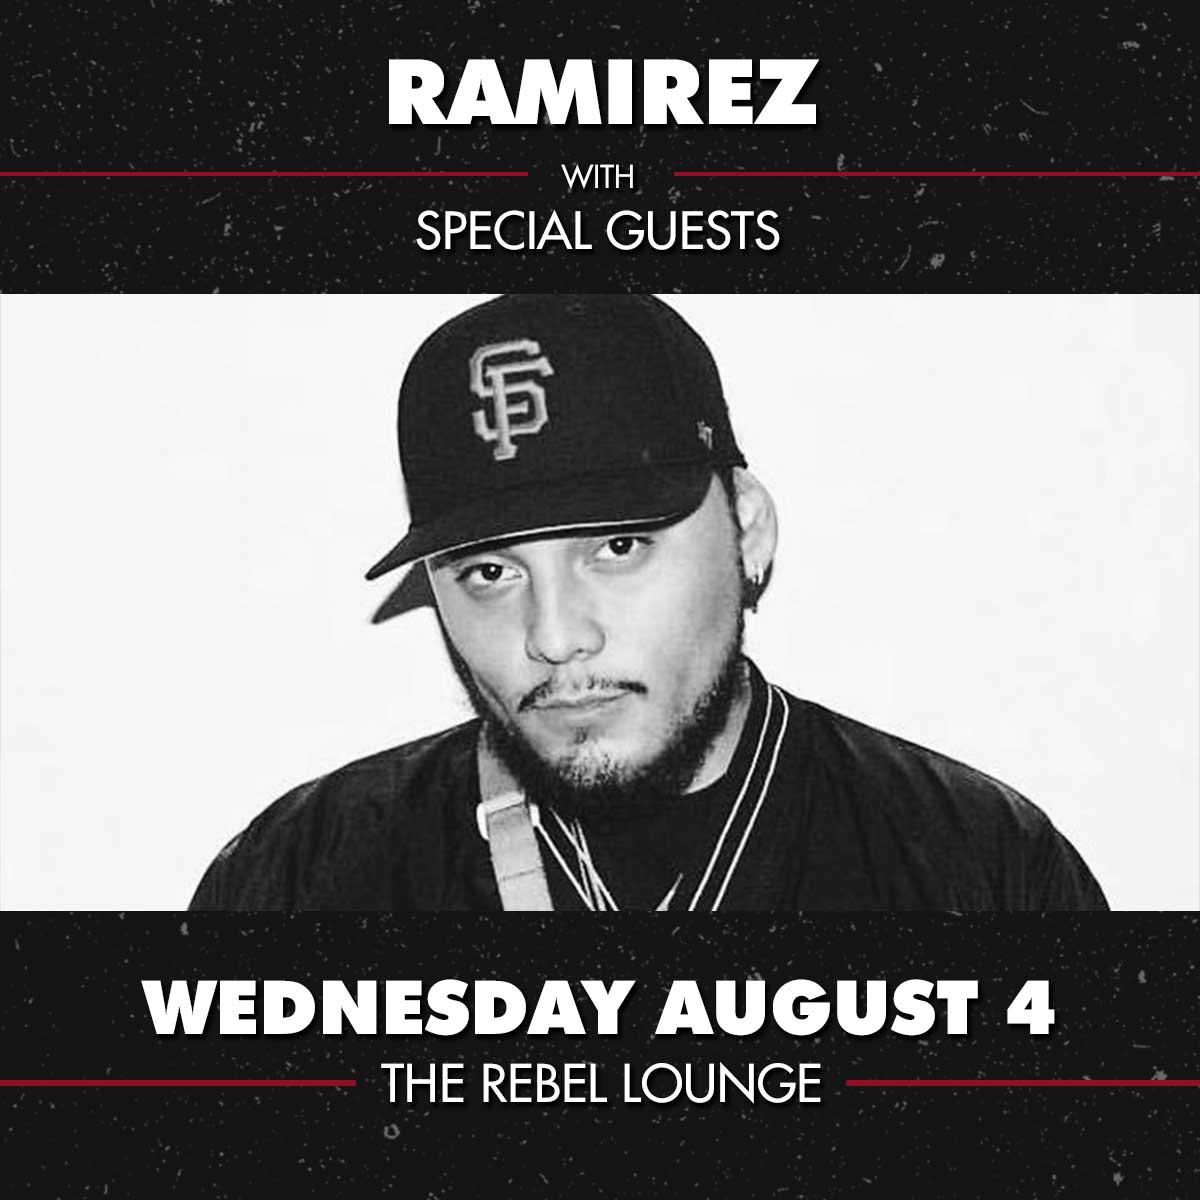 RAMIREZ - EARLY SHOW: